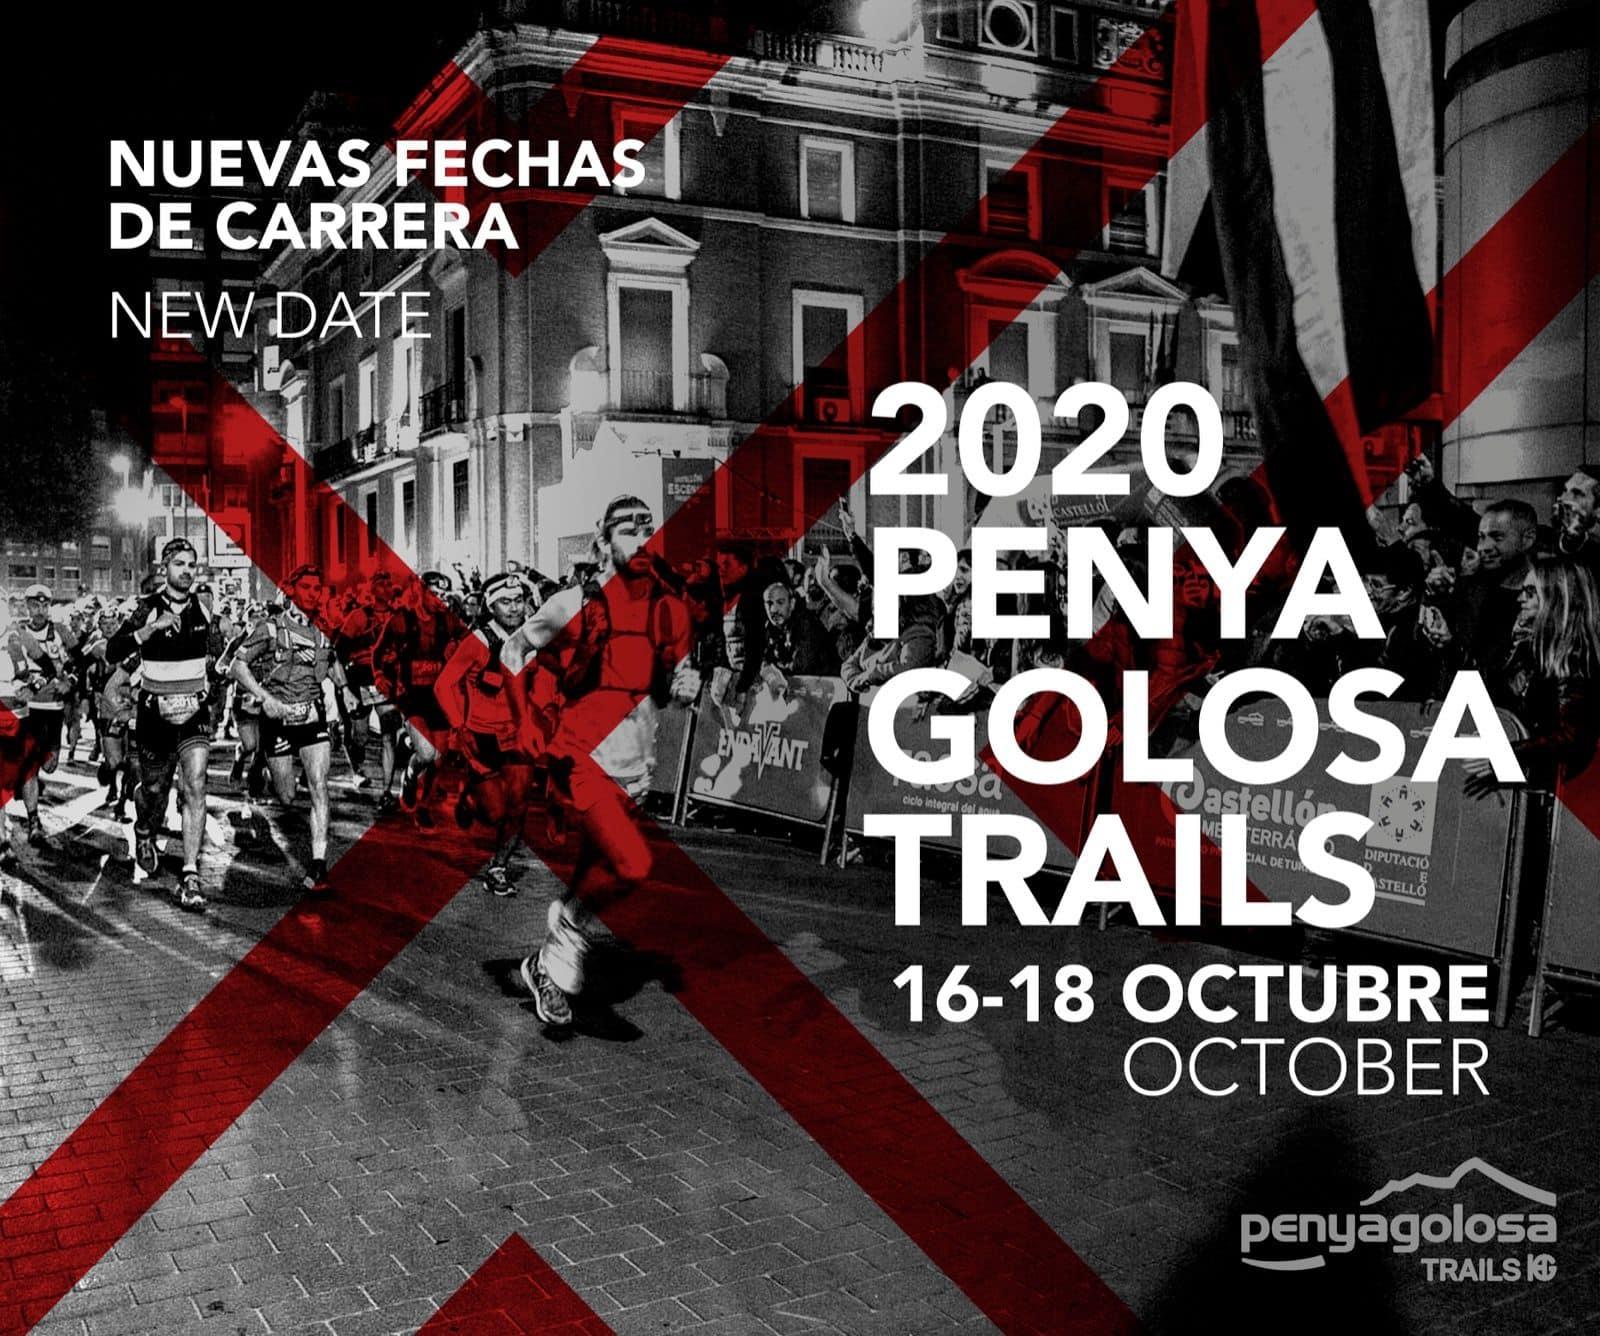 En este momento estás viendo Penyagolosa Trails HG se aplaza al 17 de octubre de 2020 por el COVID-19